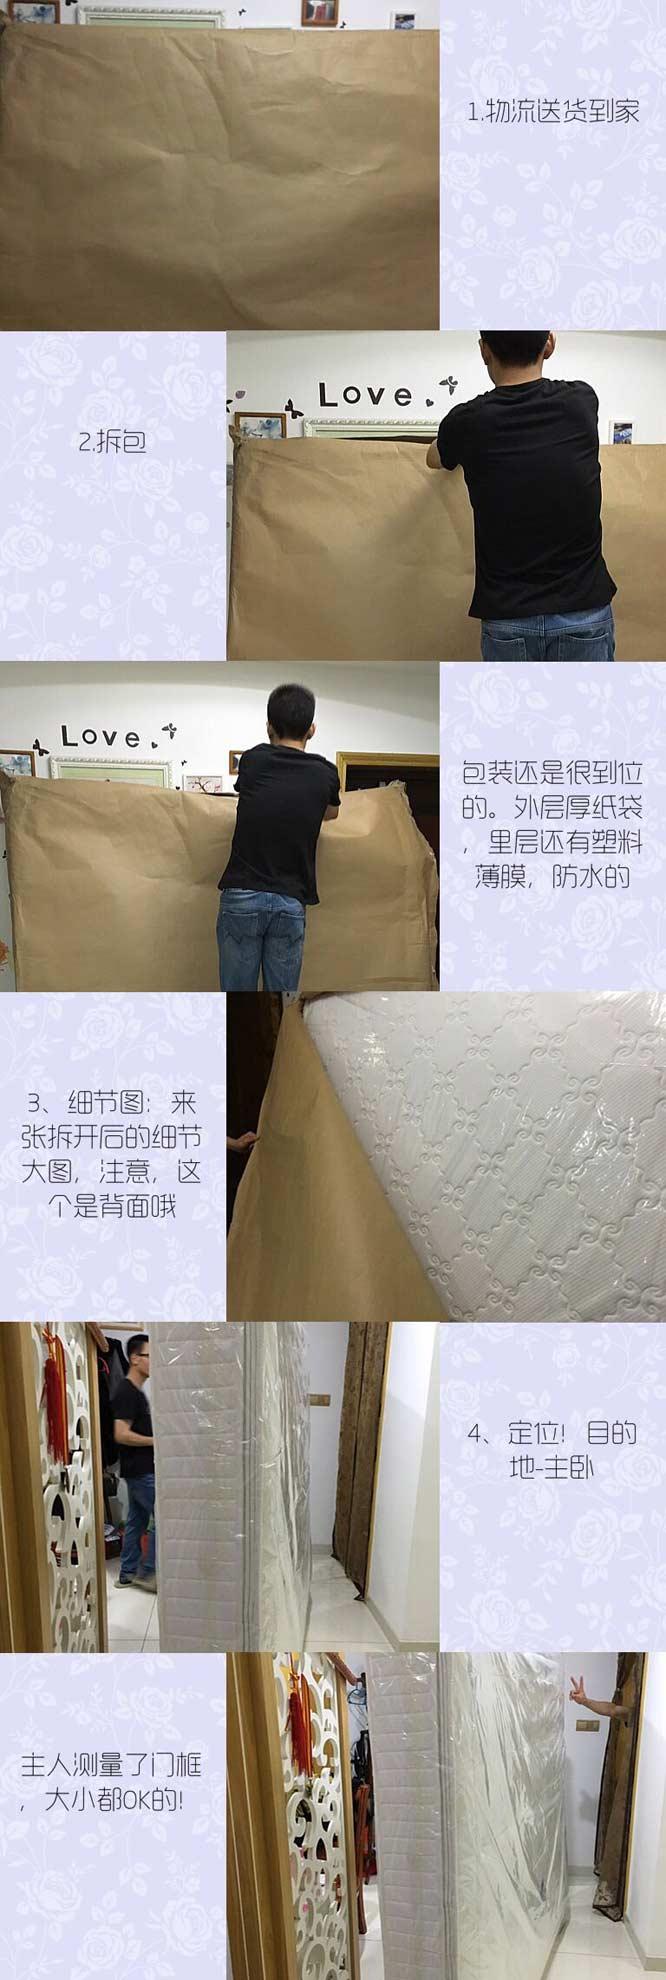 索思乐床垫怎么样?索思乐智能恒温床垫试用报告分享